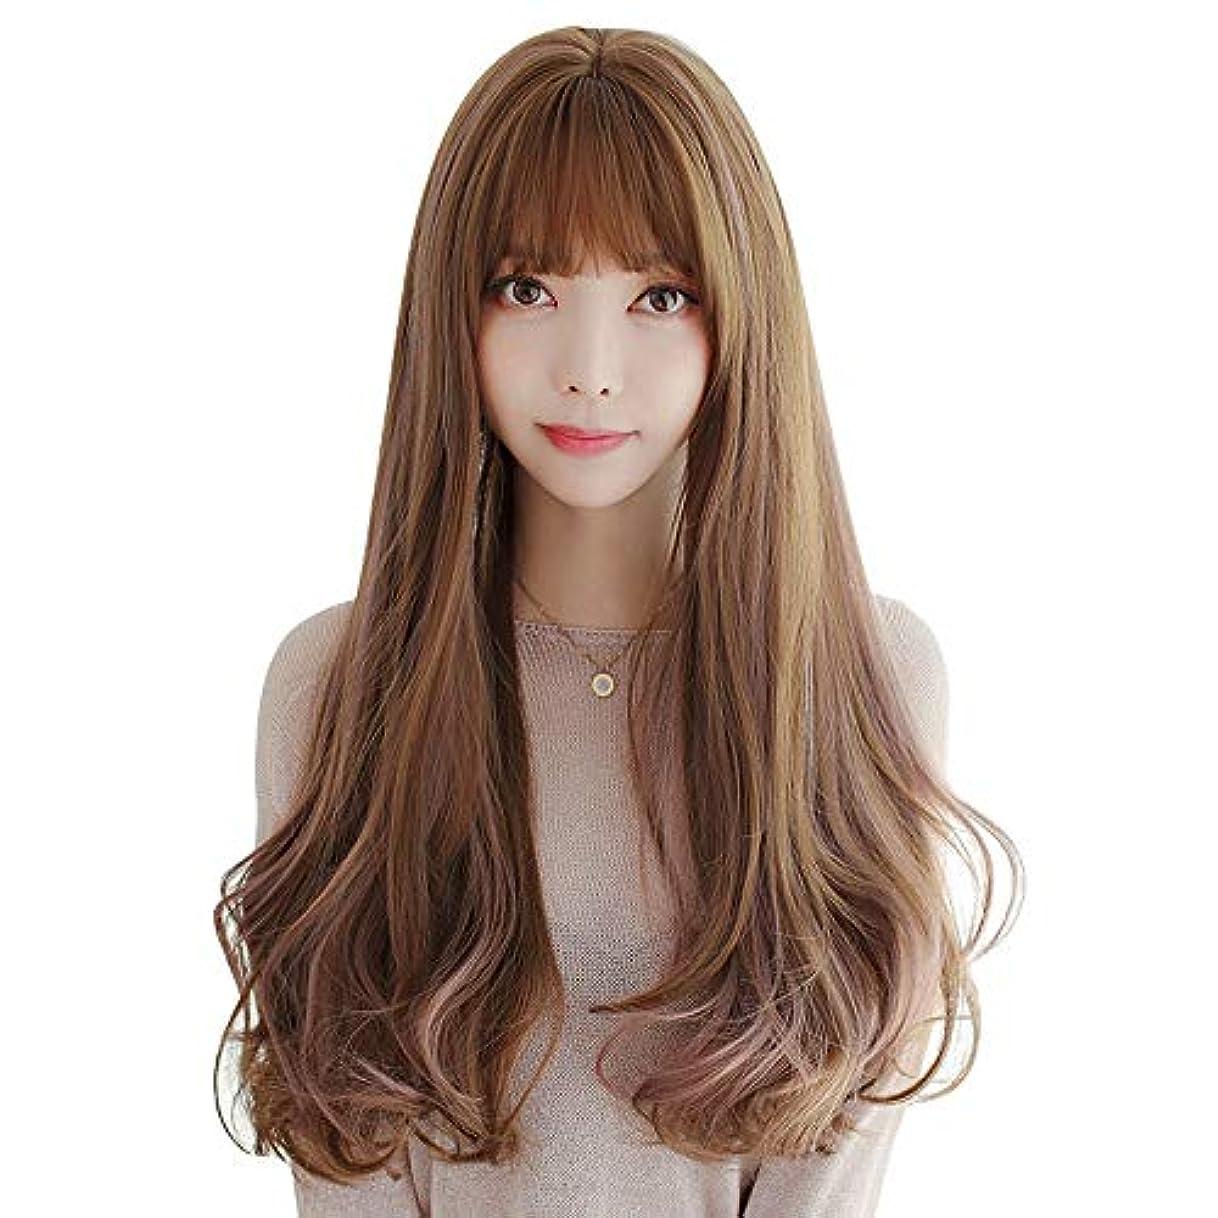 メガロポリスリーランデブーSRY-Wigファッション ヨーロッパとアメリカの女性の波状かつら前髪ミドル丈合成コスプレかつら日常用または衣装 (Color : 01, Size : フリー)